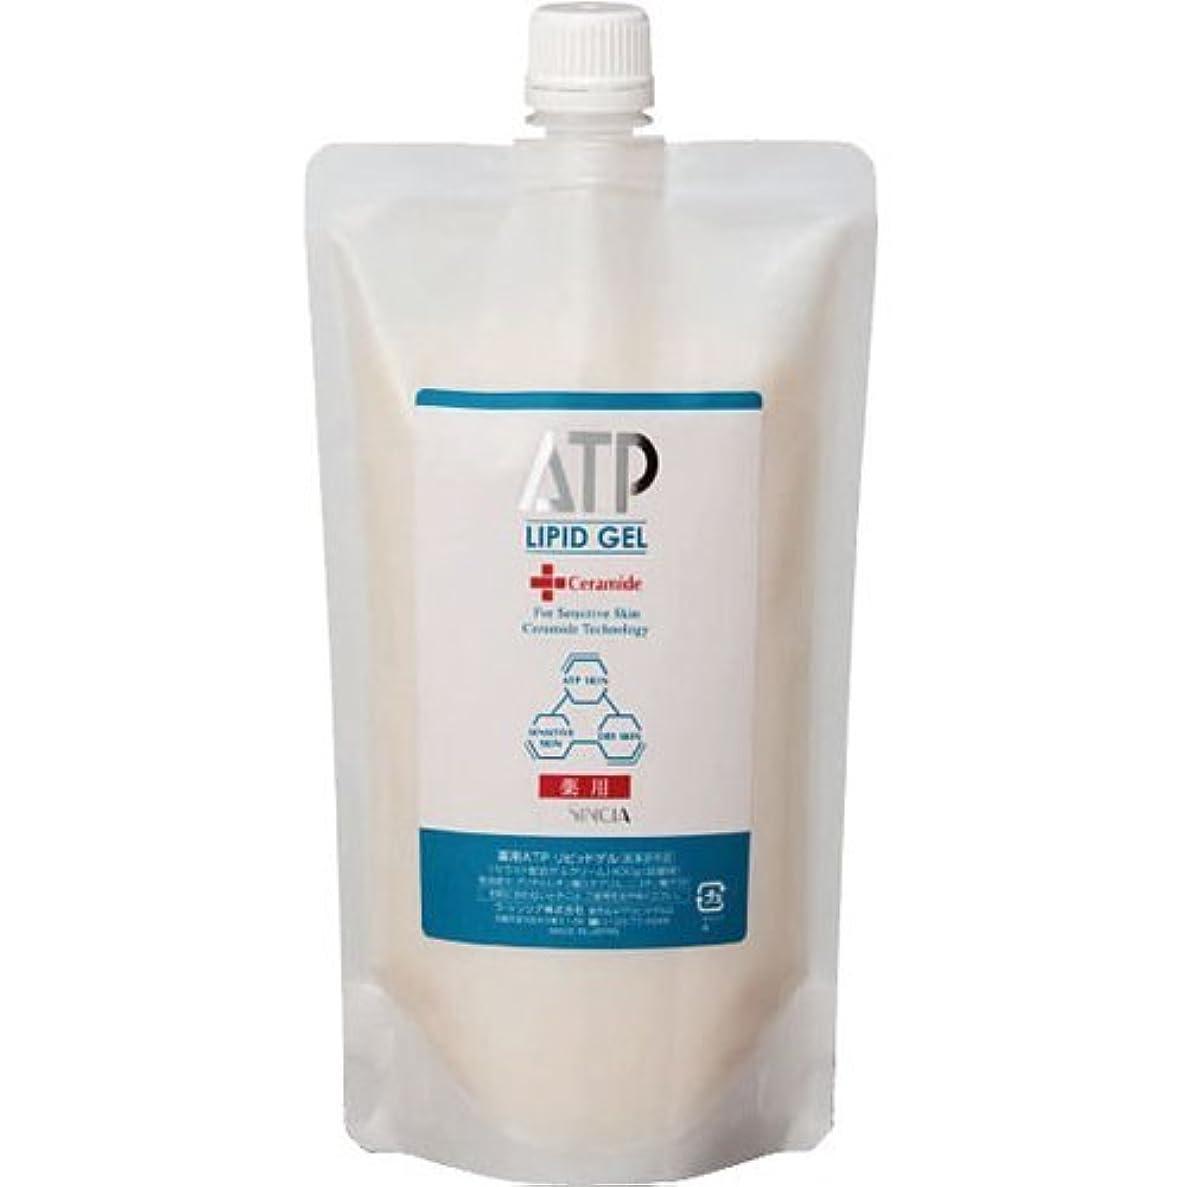 リンケージ魚採用ラシンシア 薬用ATPリピッドゲル 400g(詰替用) 【セラミド配合ゲルクリーム】